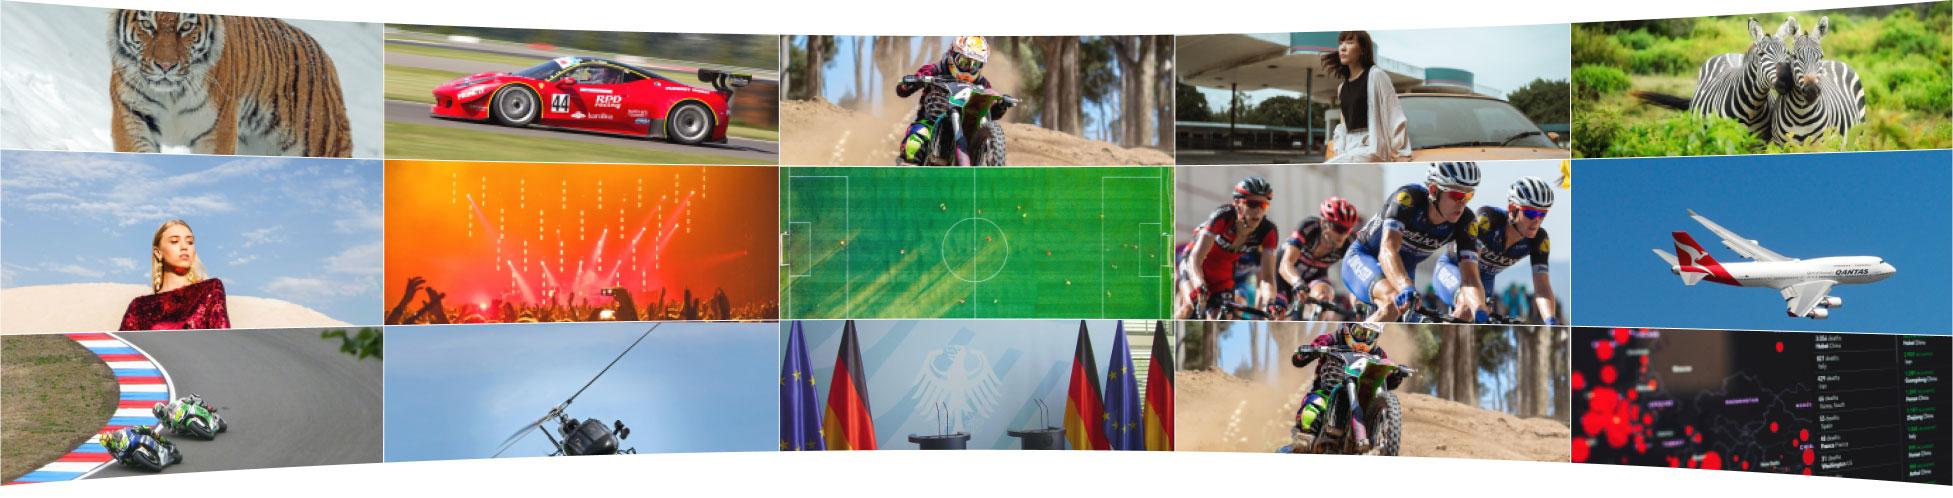 ライブニュースとダイナミックなスポーツ中継を考慮した設計